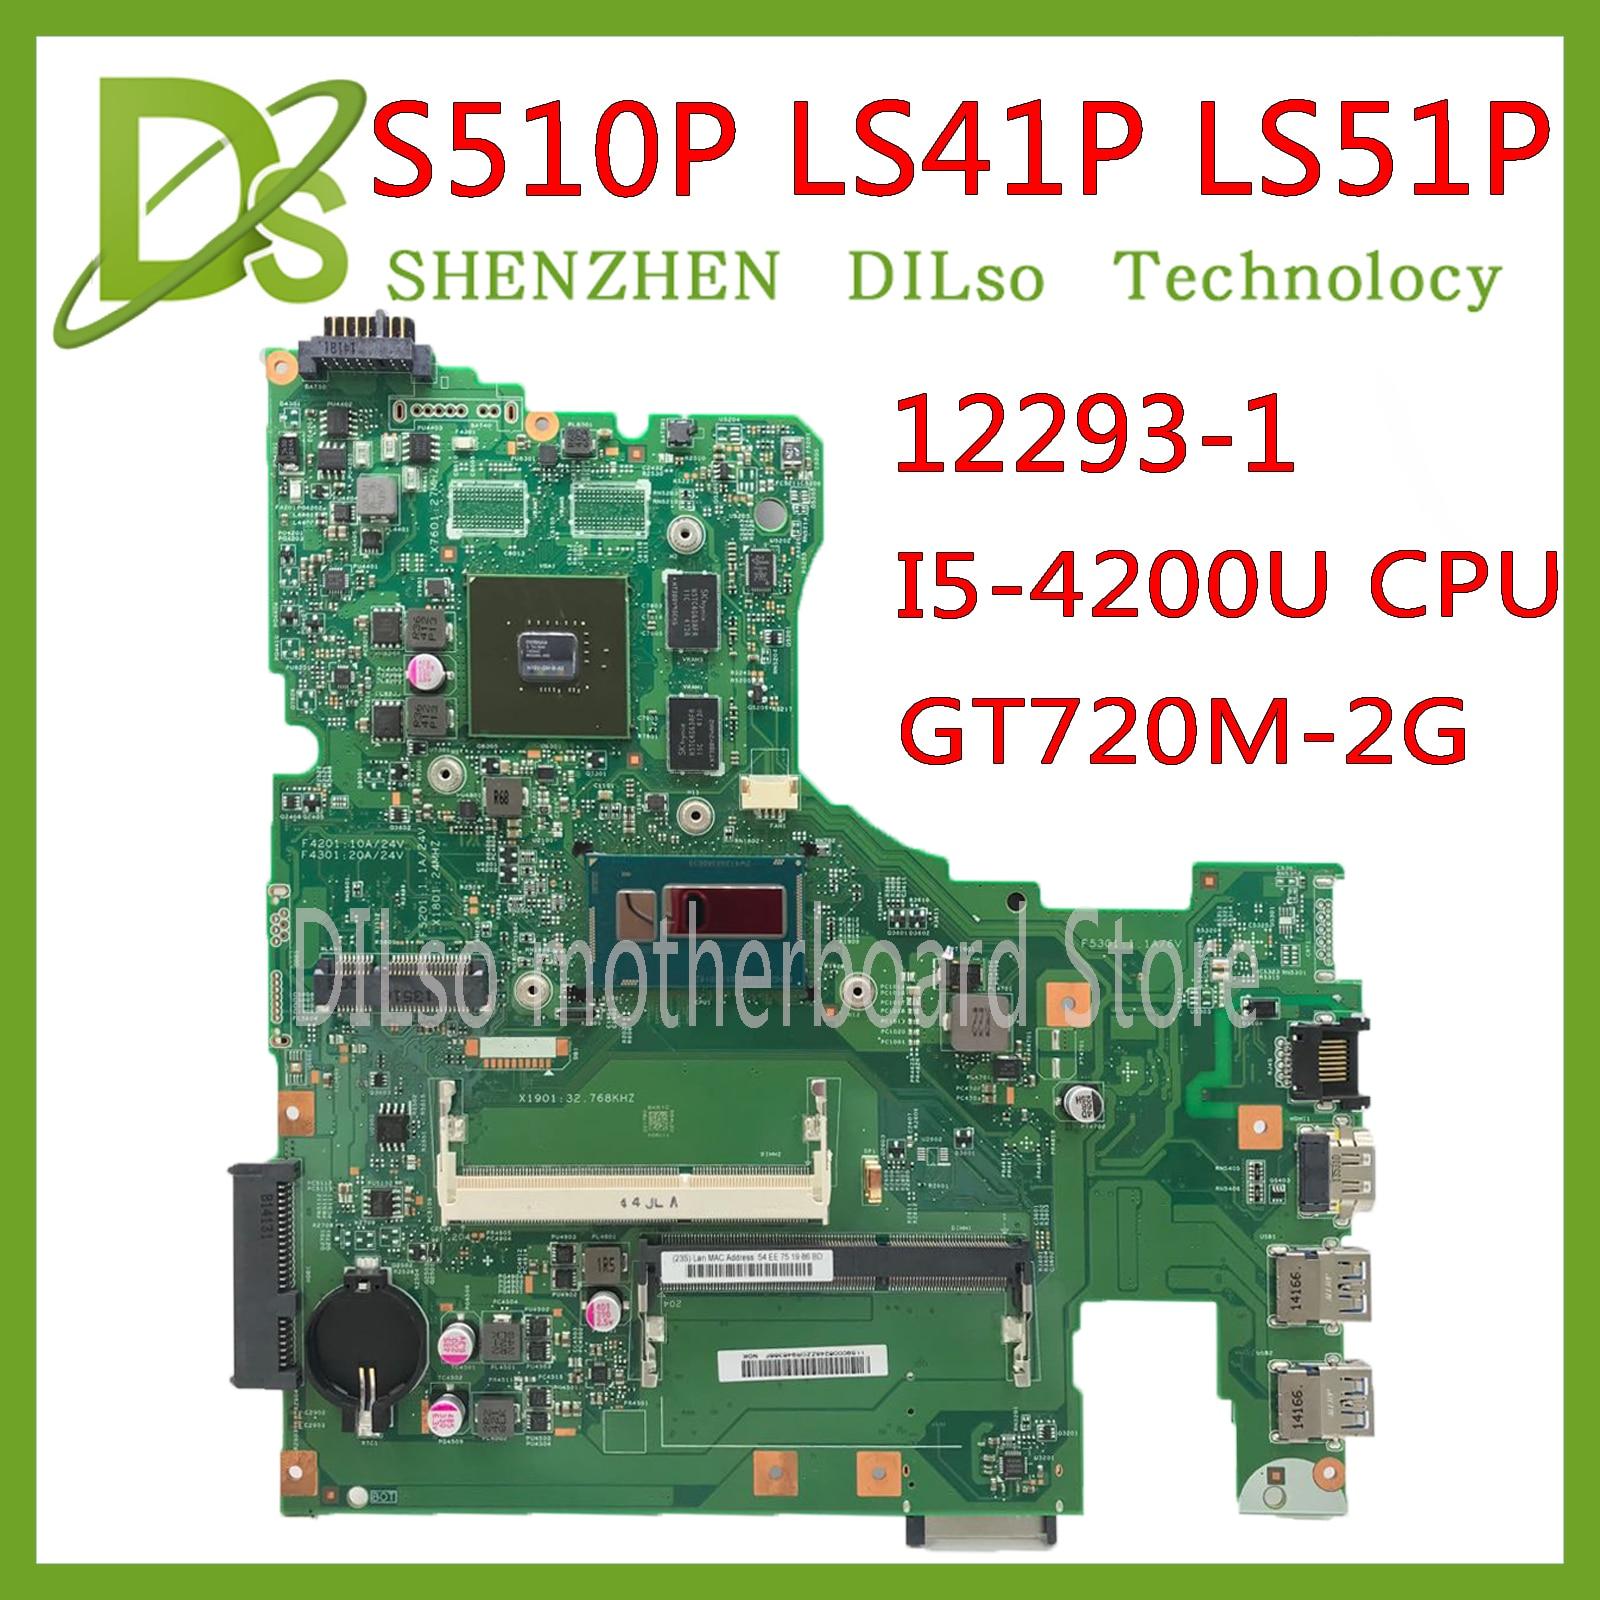 KEFU 12293-1 48.4L106.011 Motherboard For Lenovo S510P LS41P LS51P Motherboard I5-4200U CPU GT720M-2G Original Work Tested